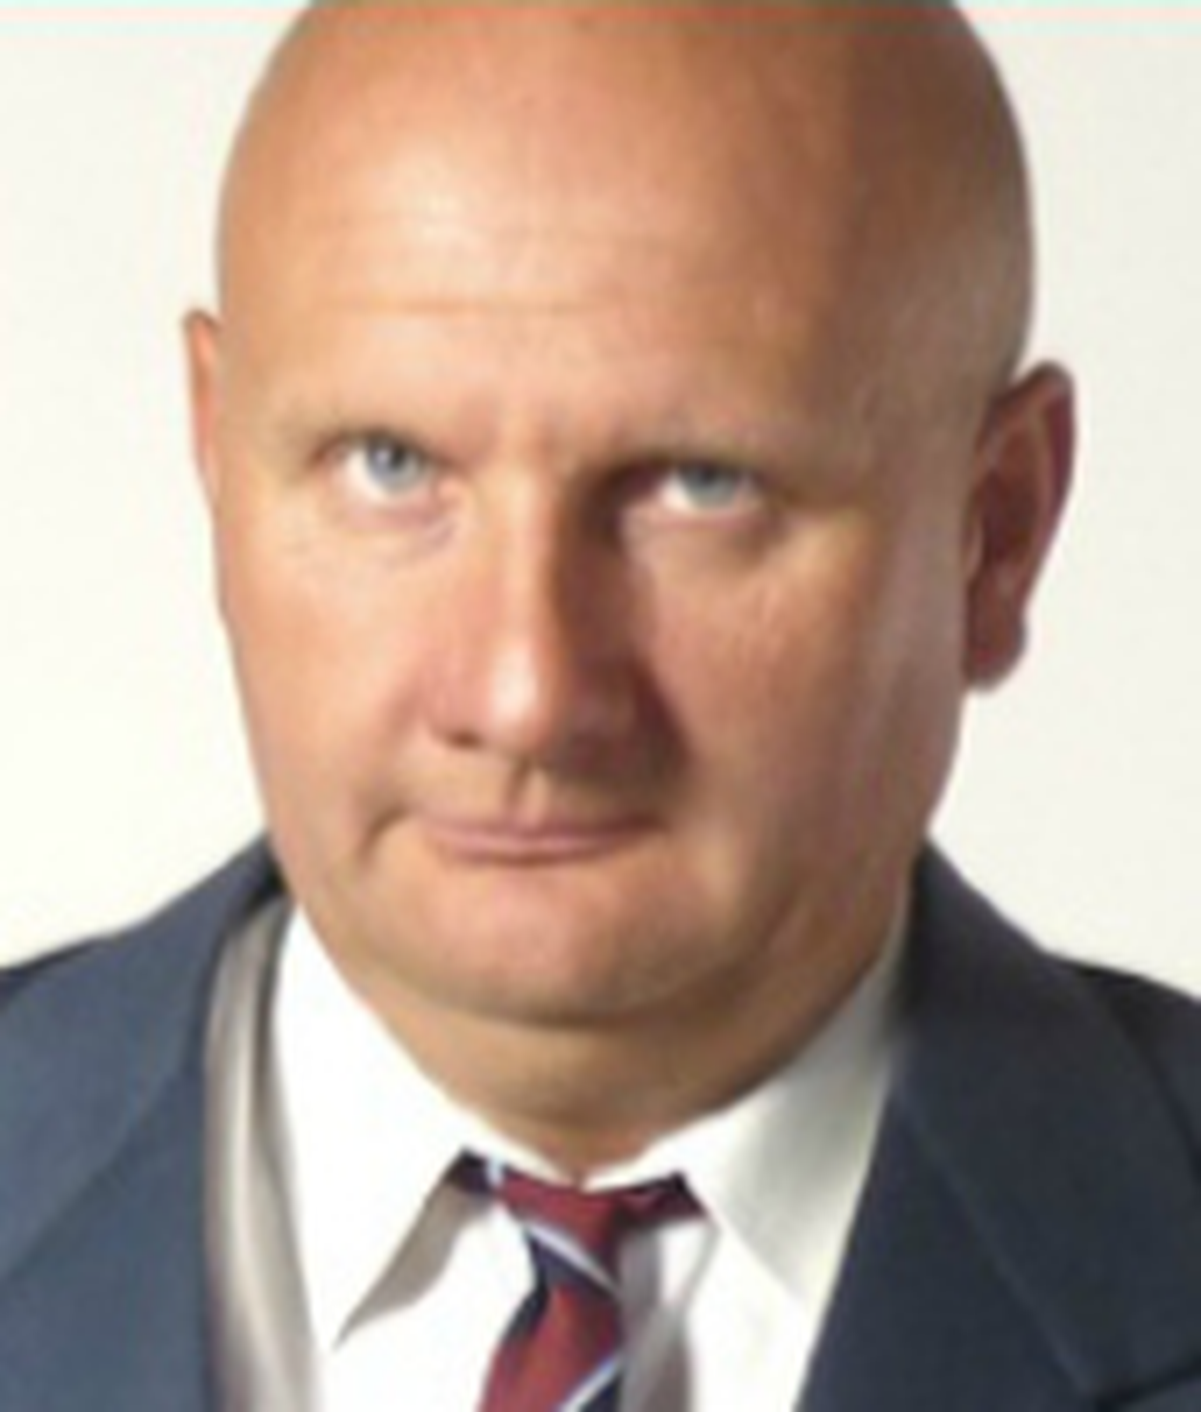 Istvan Milosevic